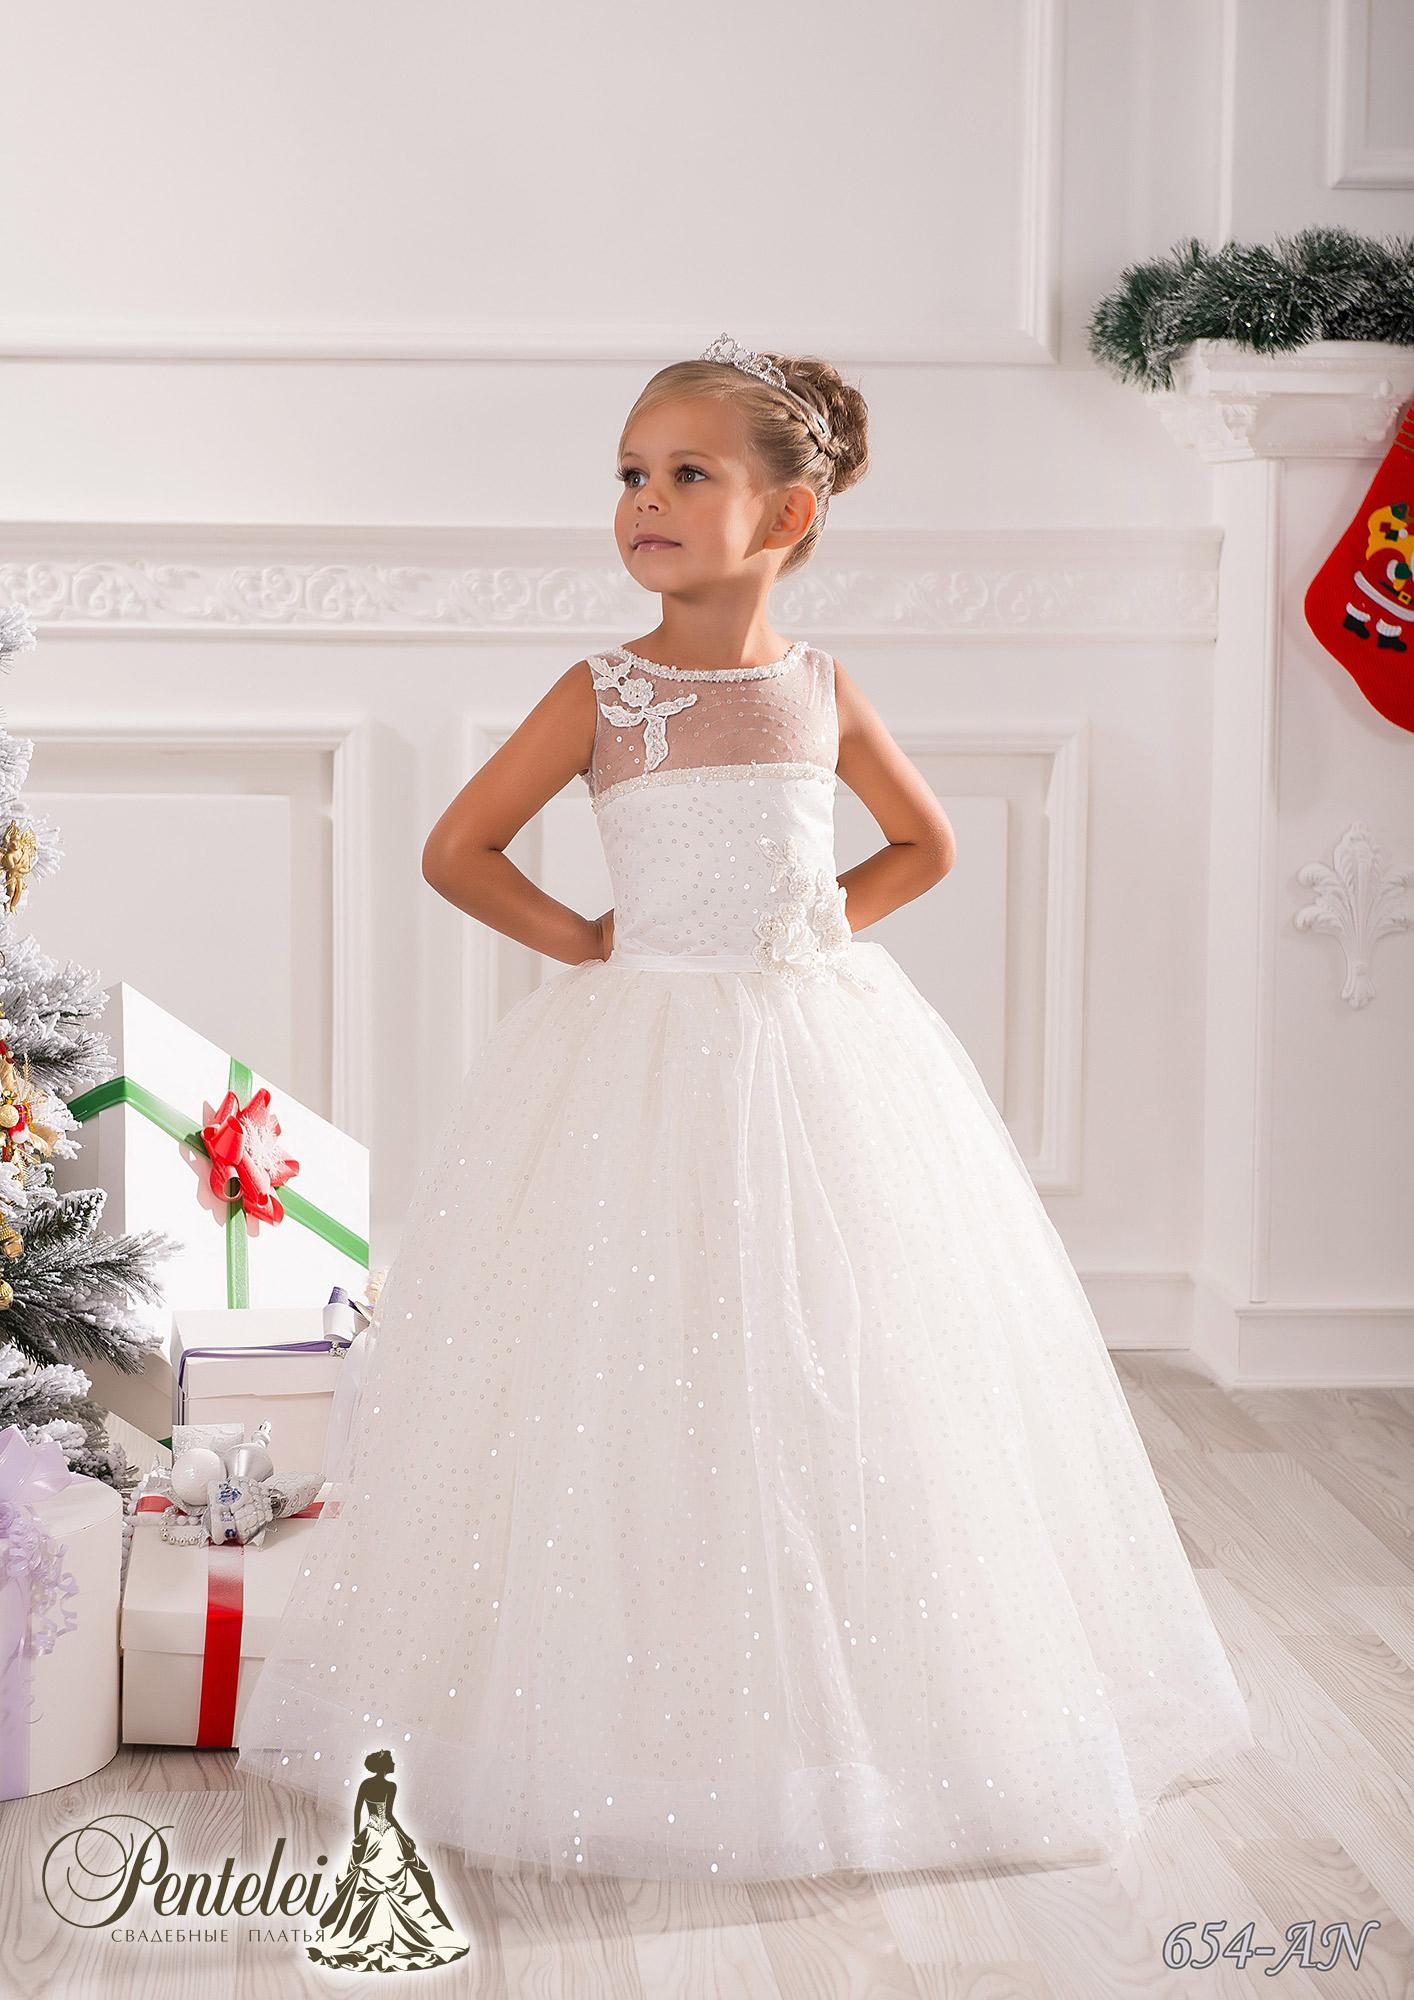 654-AN | Купити дитячі сукні оптом від Pentelei